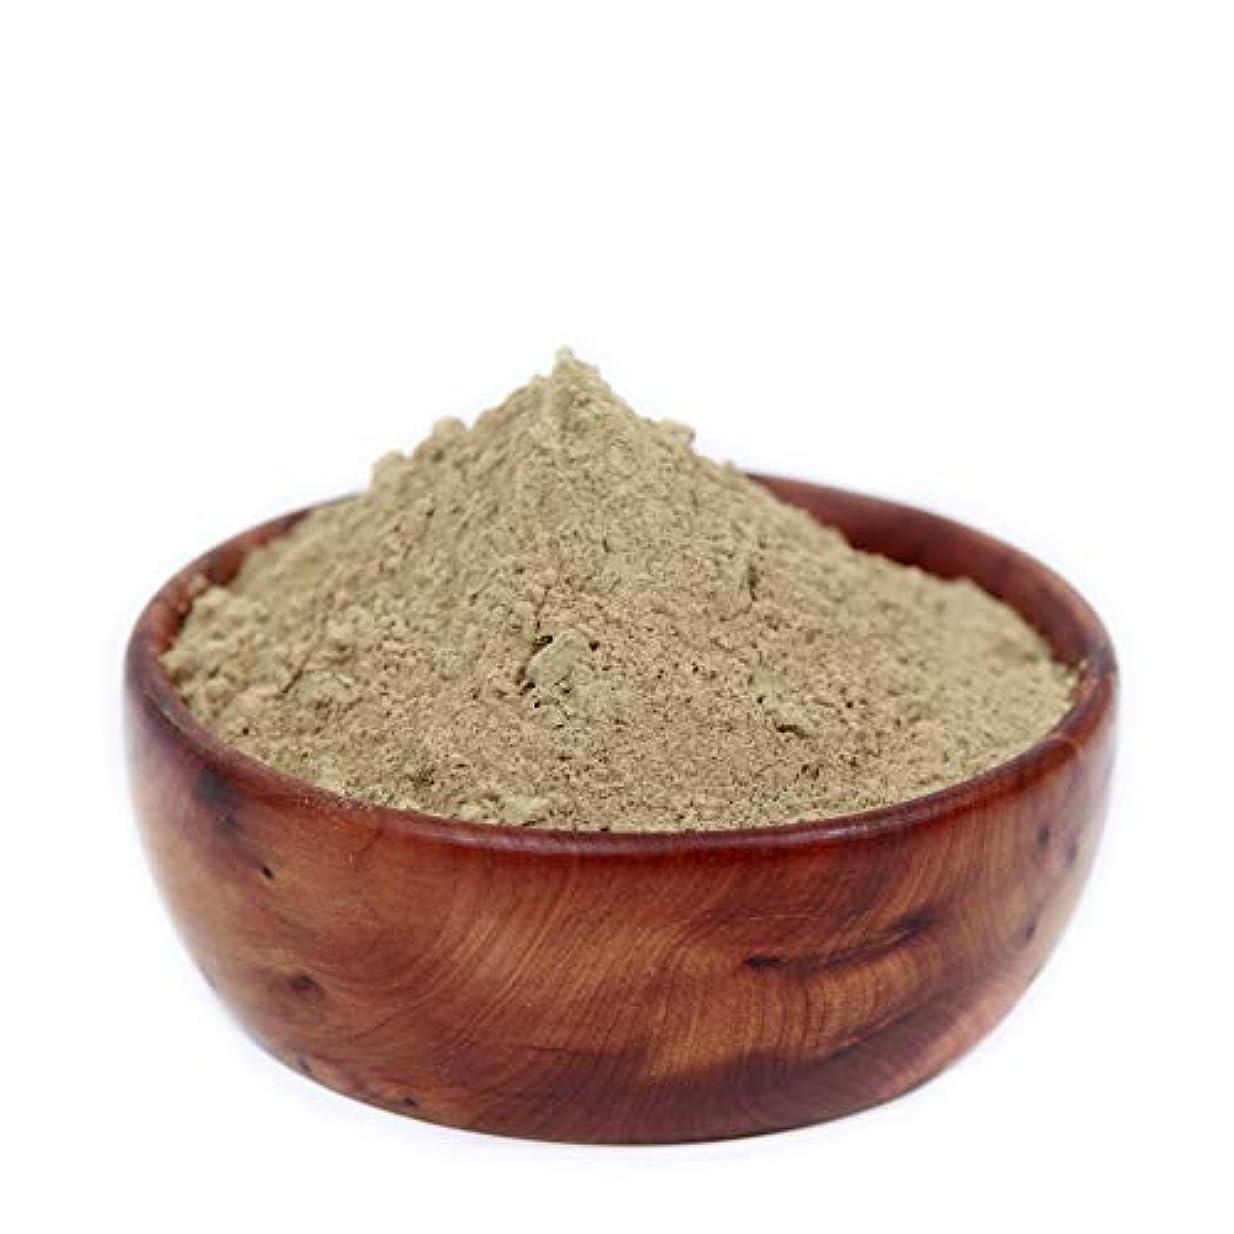 スキャン砂の細菌Olive Green Superfine Australian Clay - 500g